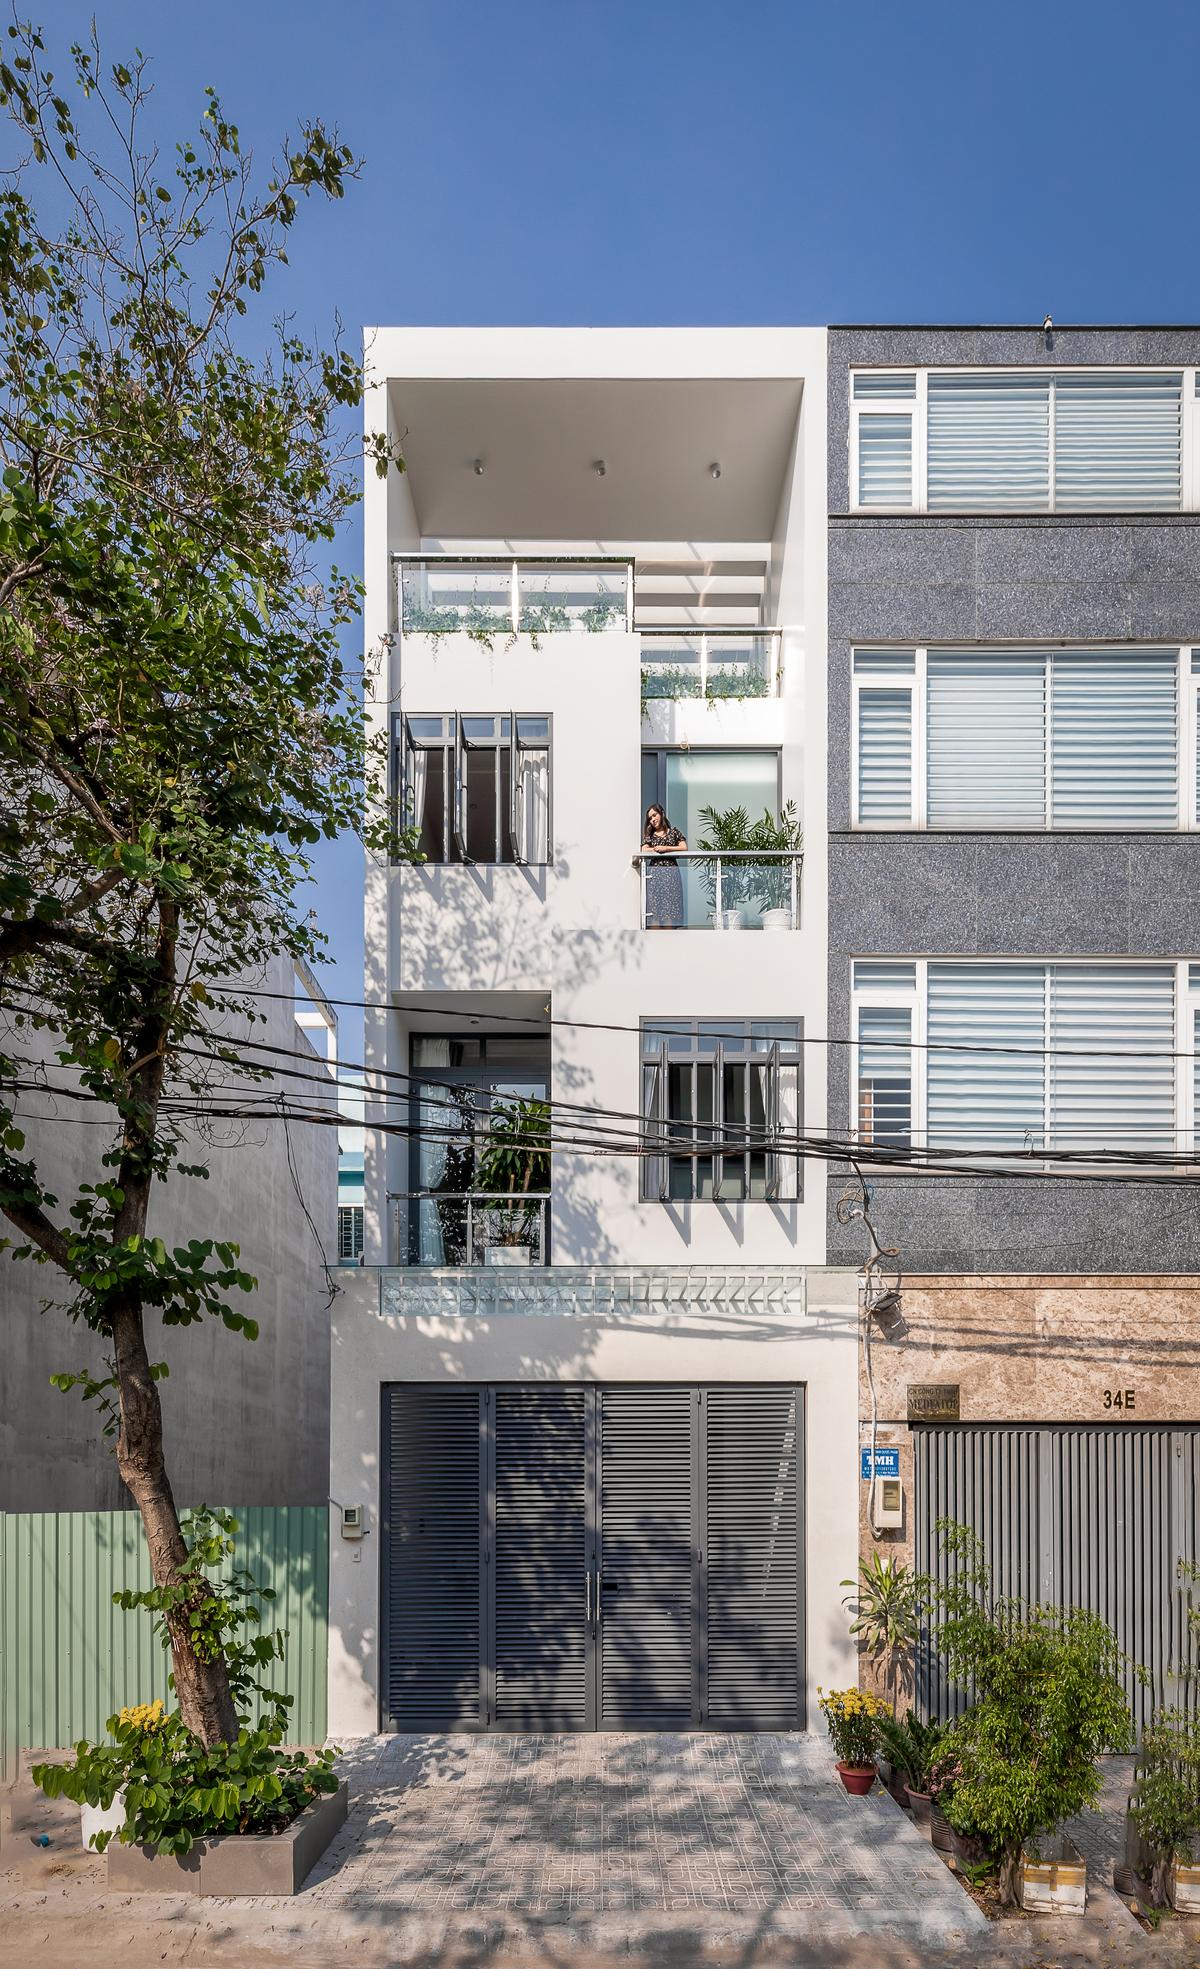 2 9 - Nhà trong thành phố - Giải pháp cho không gian sống với nhiều thành viên | Story Architecture